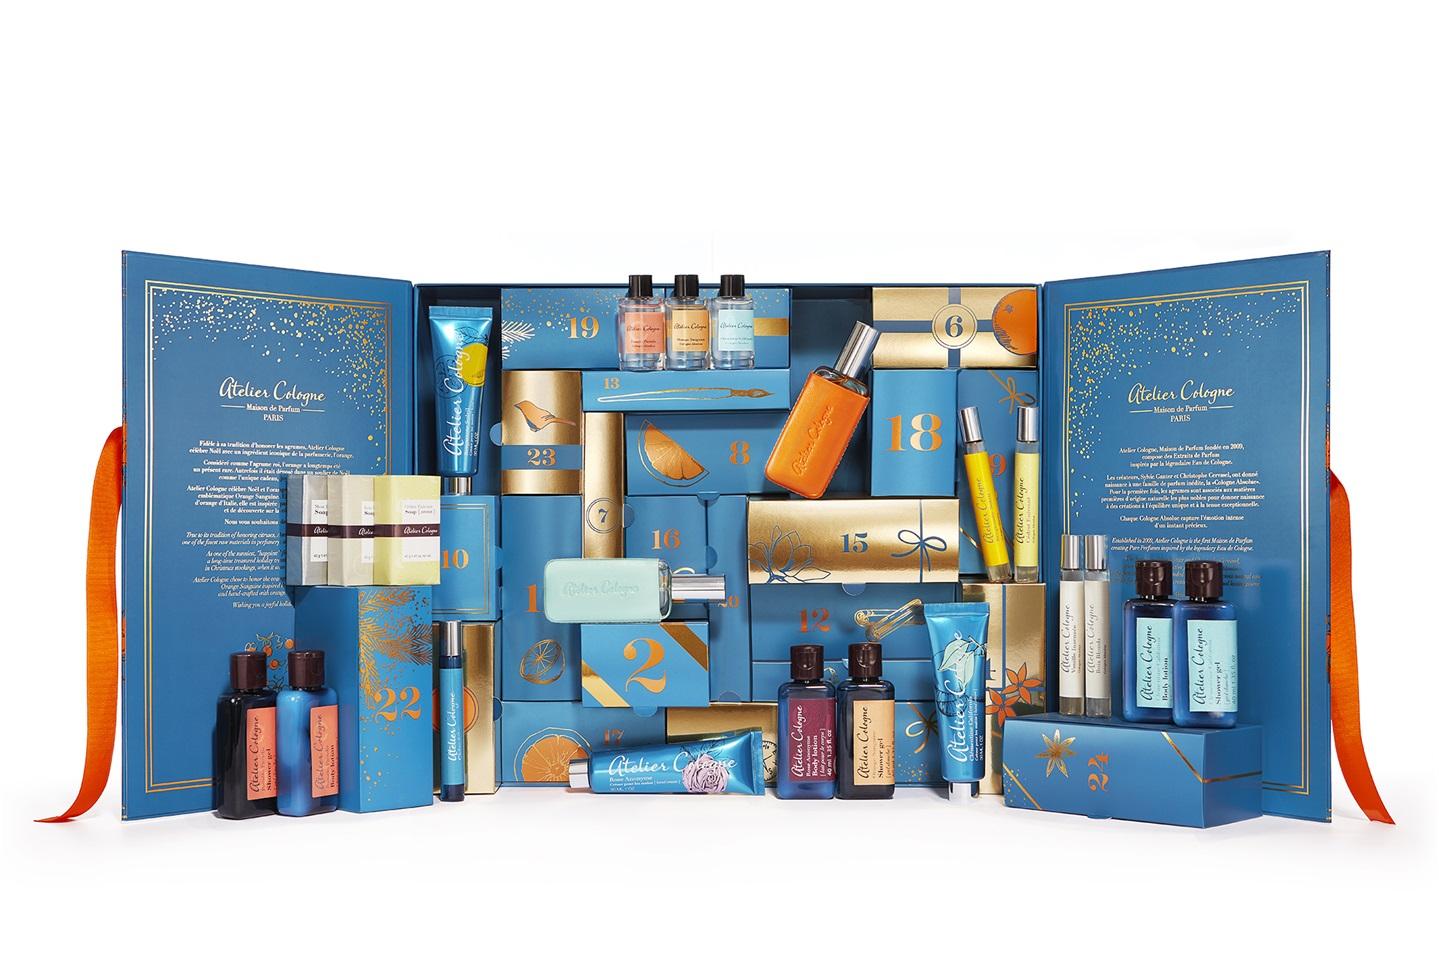 Calendario Dellavvento Beauty 2020.I Calendari Dell Avvento Piu Belli Glamour It